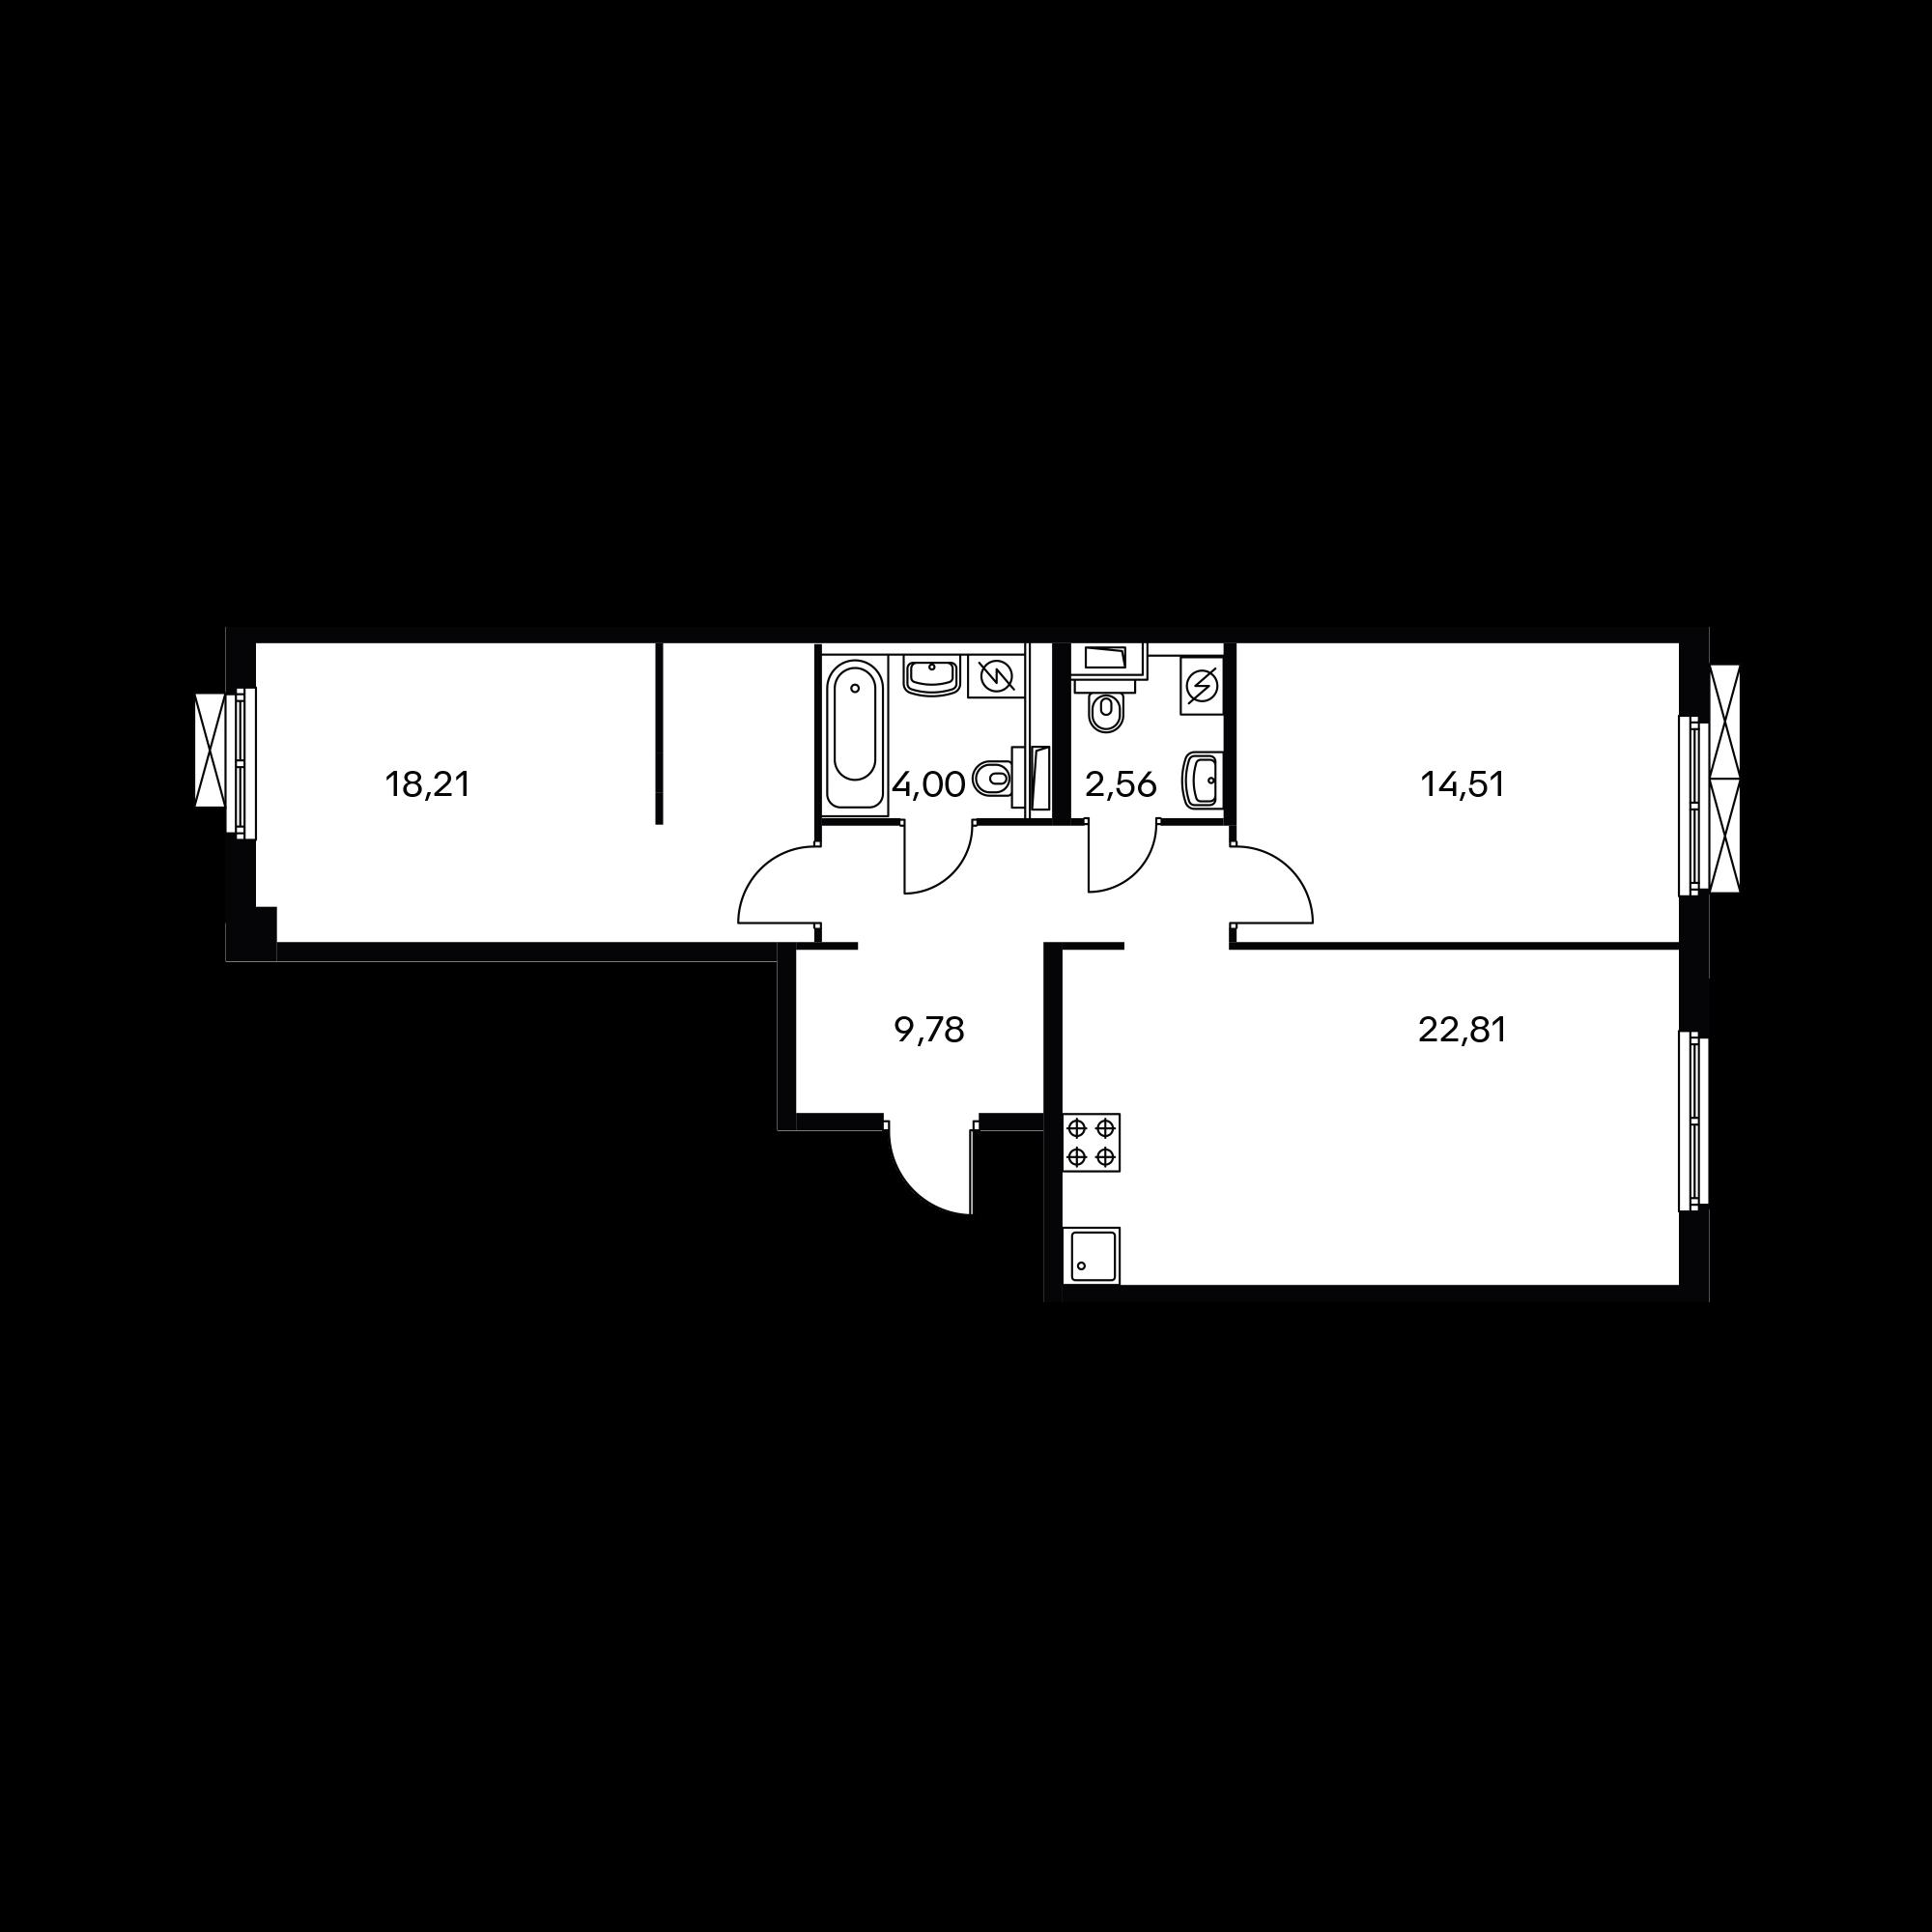 2EL10_6.9-1_S_A1